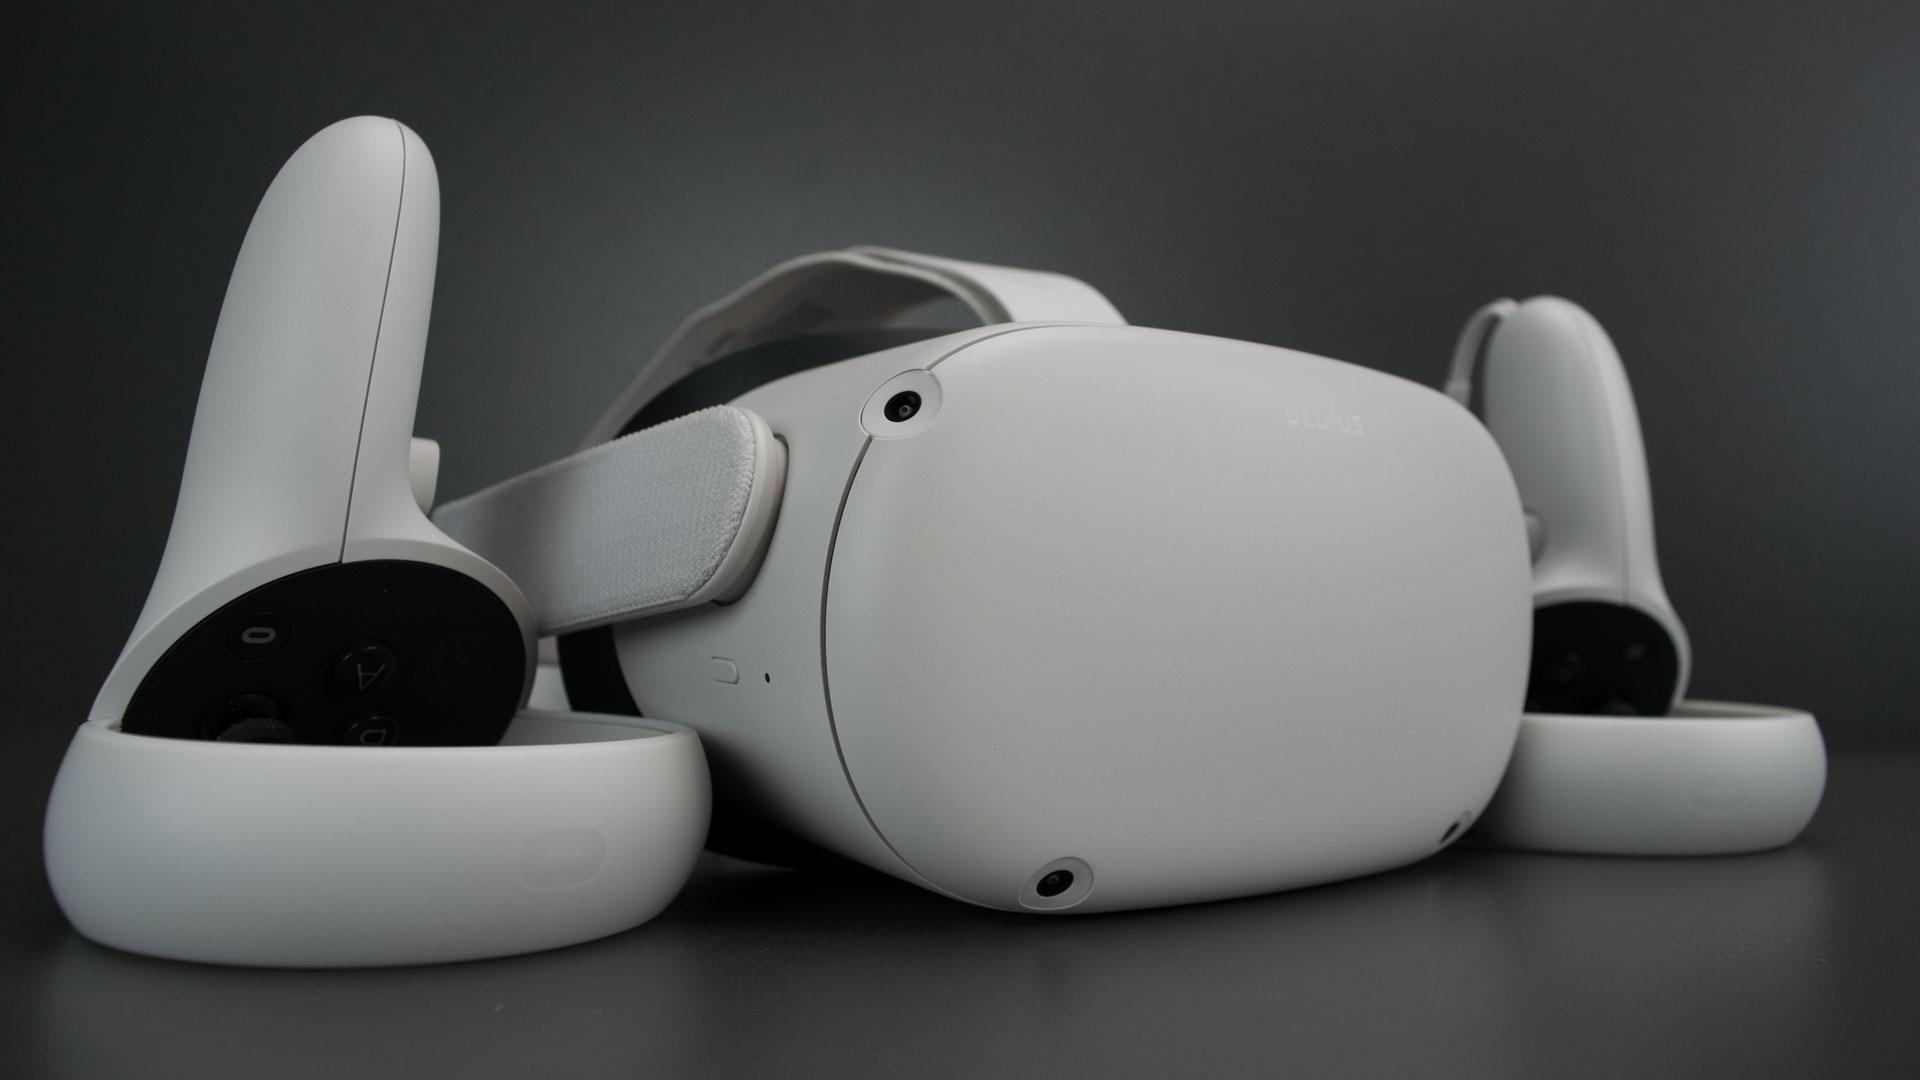 Oculus представила автономную VR-гарнитуру Quest 2 и прекращает выпуск  Rift S